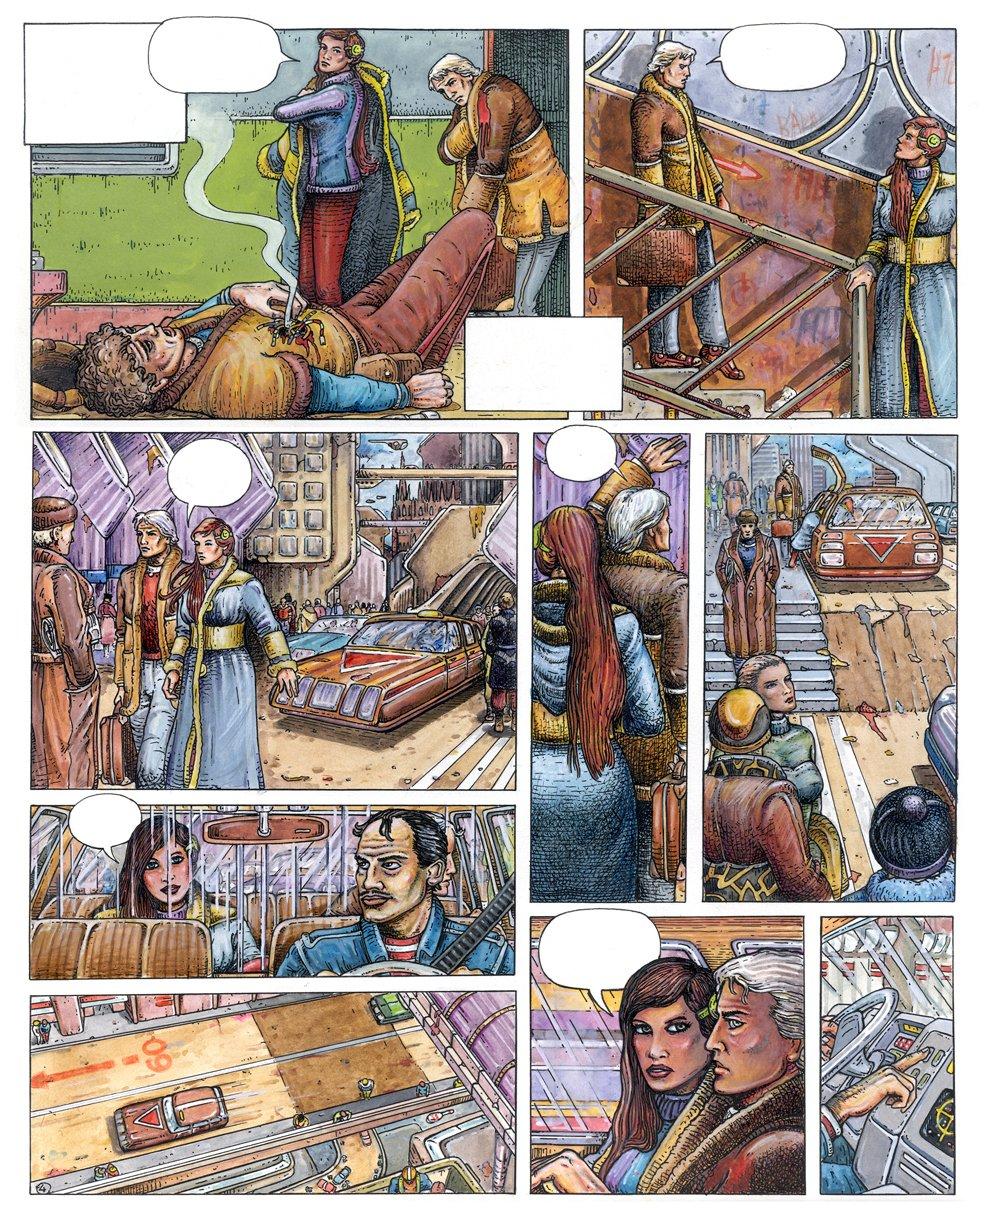 pagina_del_comic_no_acabado_paraiso_3_35930.jpg